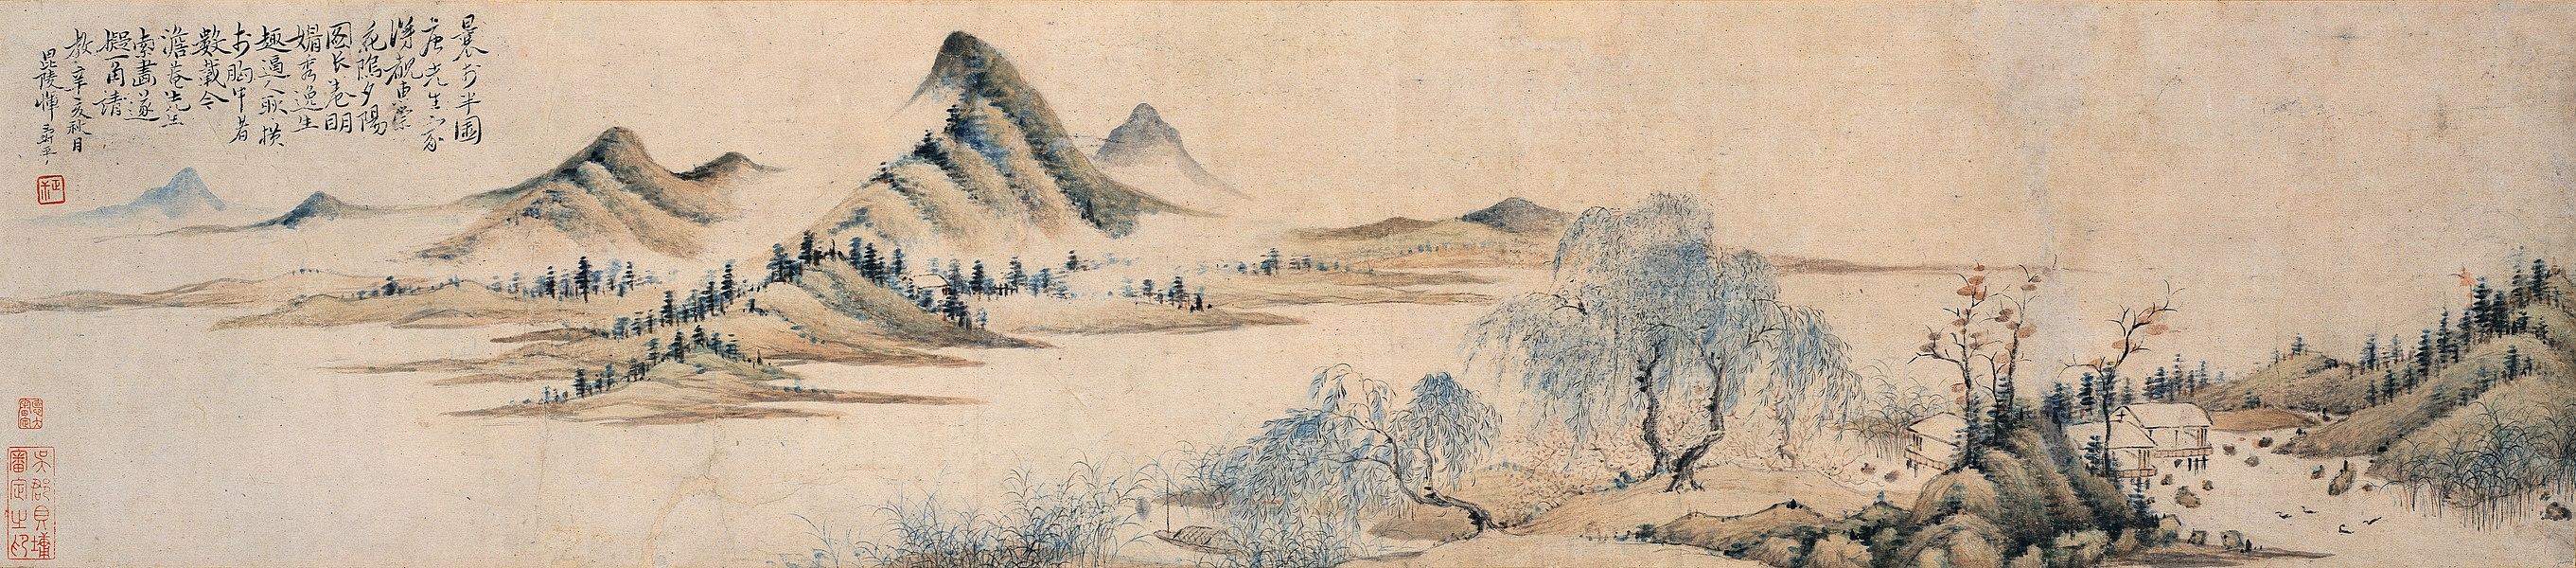 yun shouping - image 3